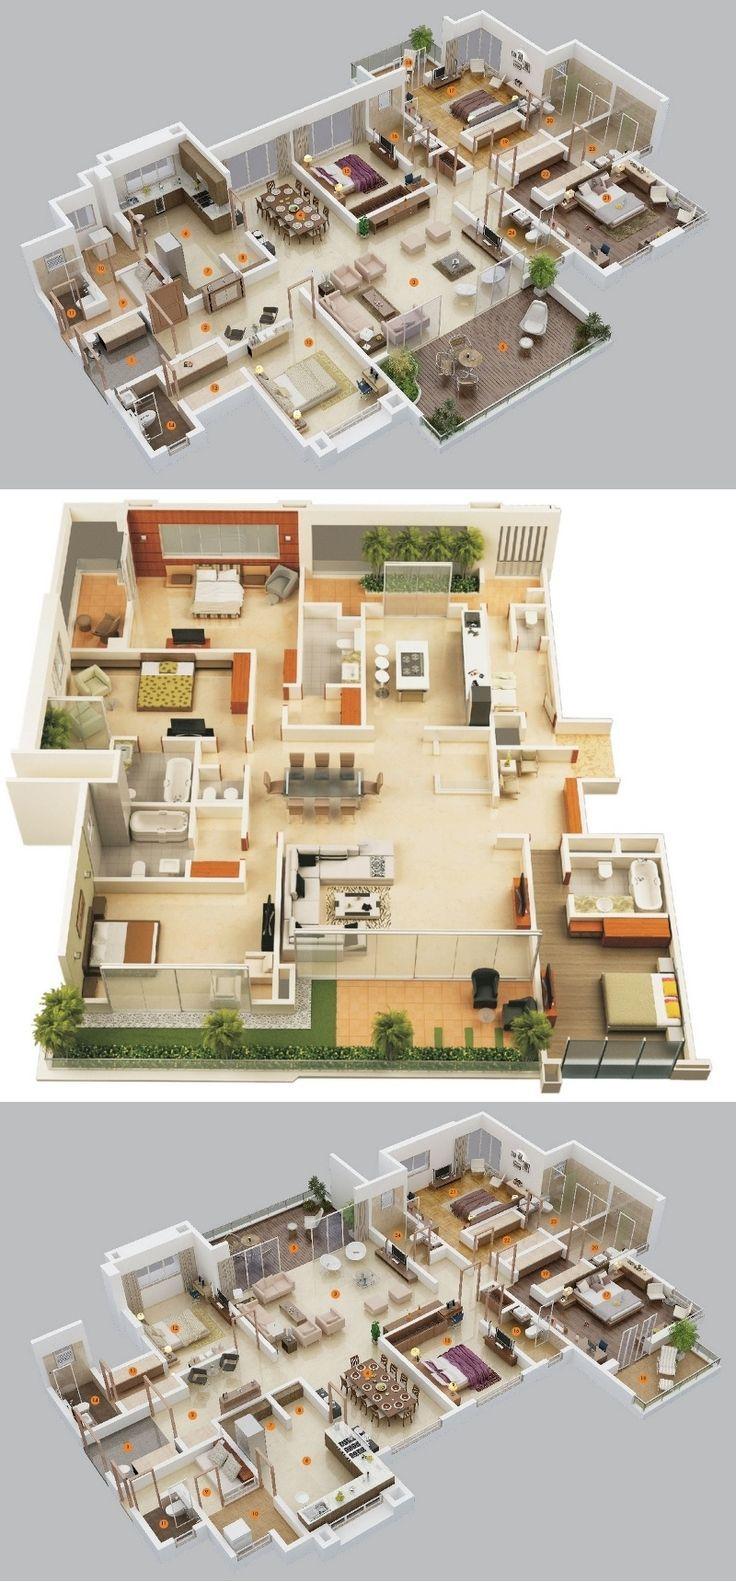 Apartment / Hauspläne mit 4 Schlafzimmern 4 bedroom